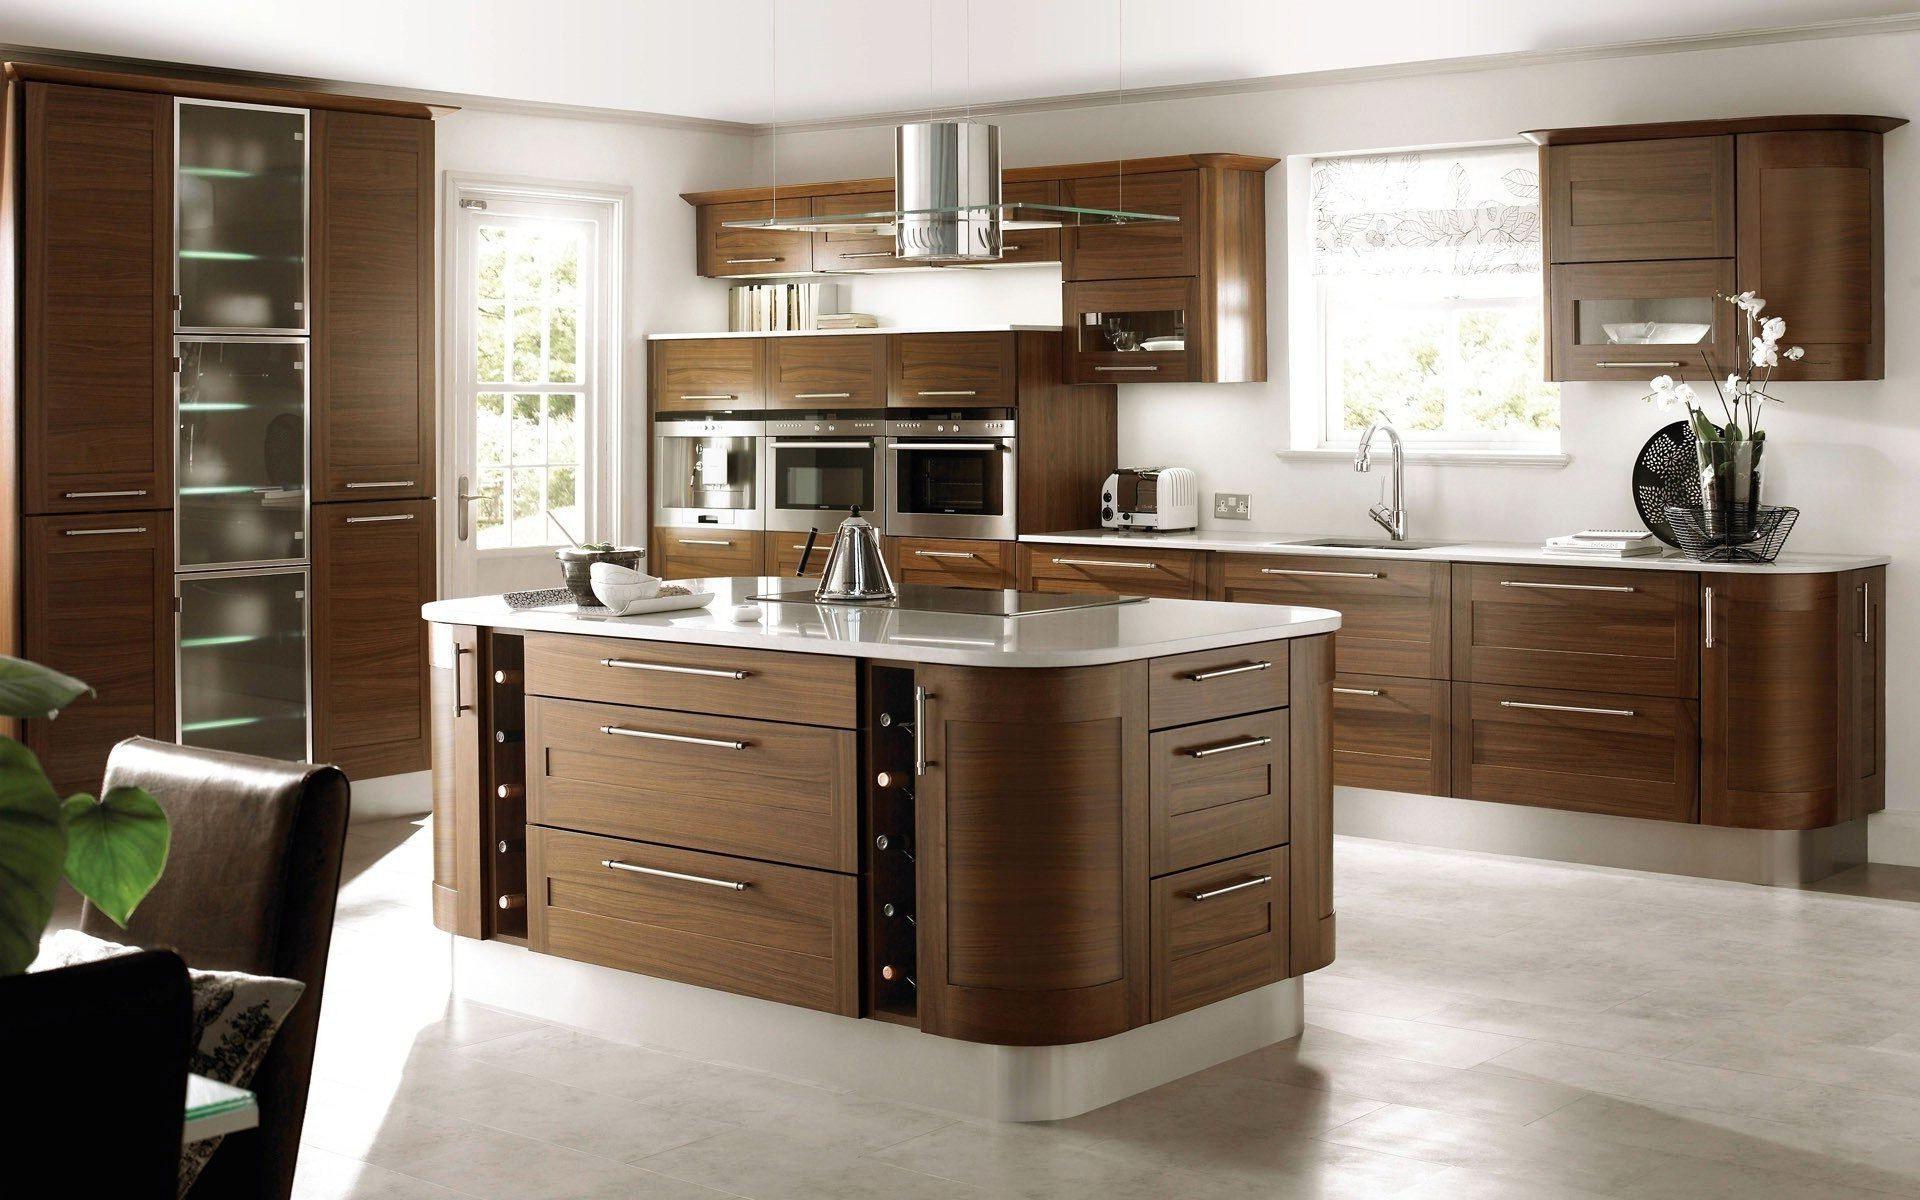 10 X 16 Kitchen Design Prepossessing Refresh Không Gian Với Tủ Bếp Màu Sắc  Tủ Bếp Màu Sắc  Pinterest Inspiration Design